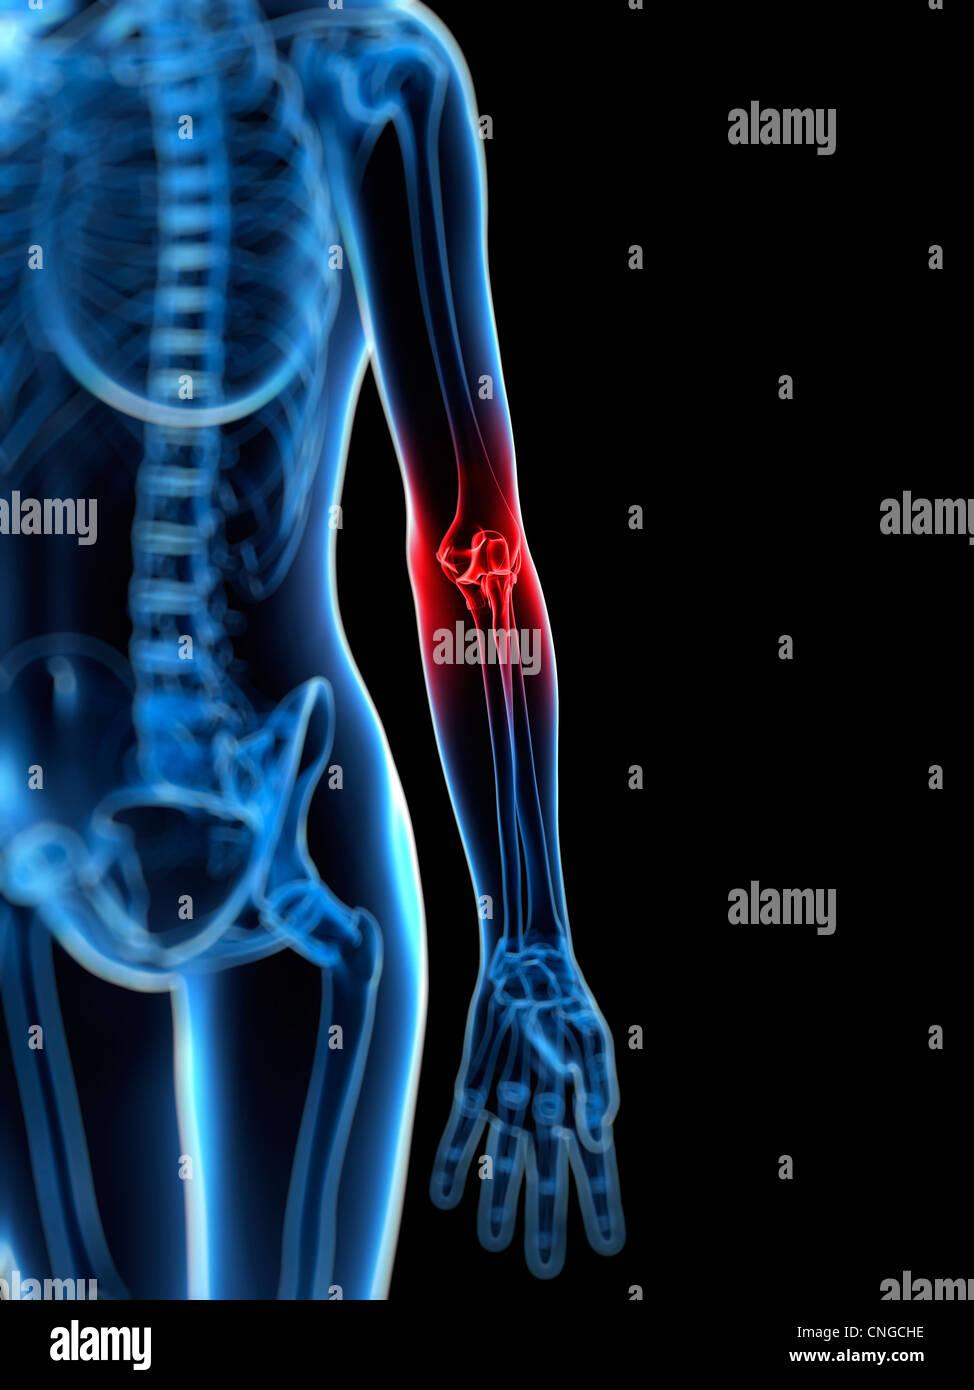 Hurt Elbow Stock Photos & Hurt Elbow Stock Images - Alamy